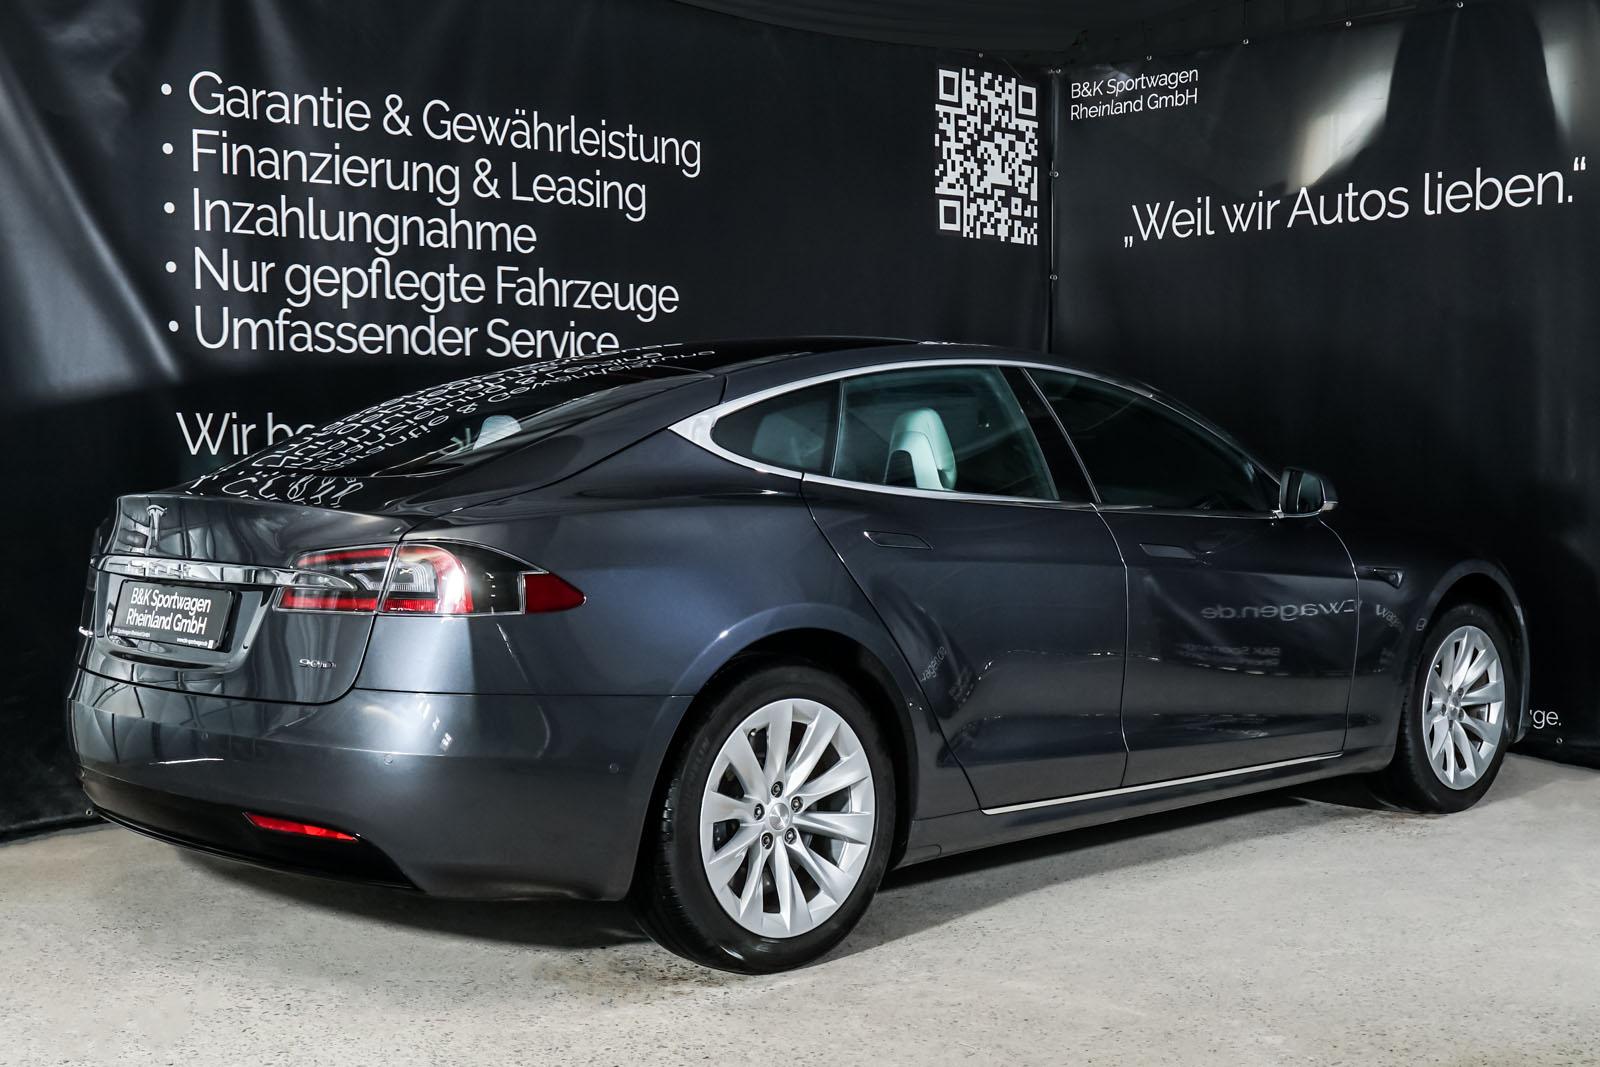 Tesla_Model_S_SilverShadow_Weiss_TES-2943_15_w